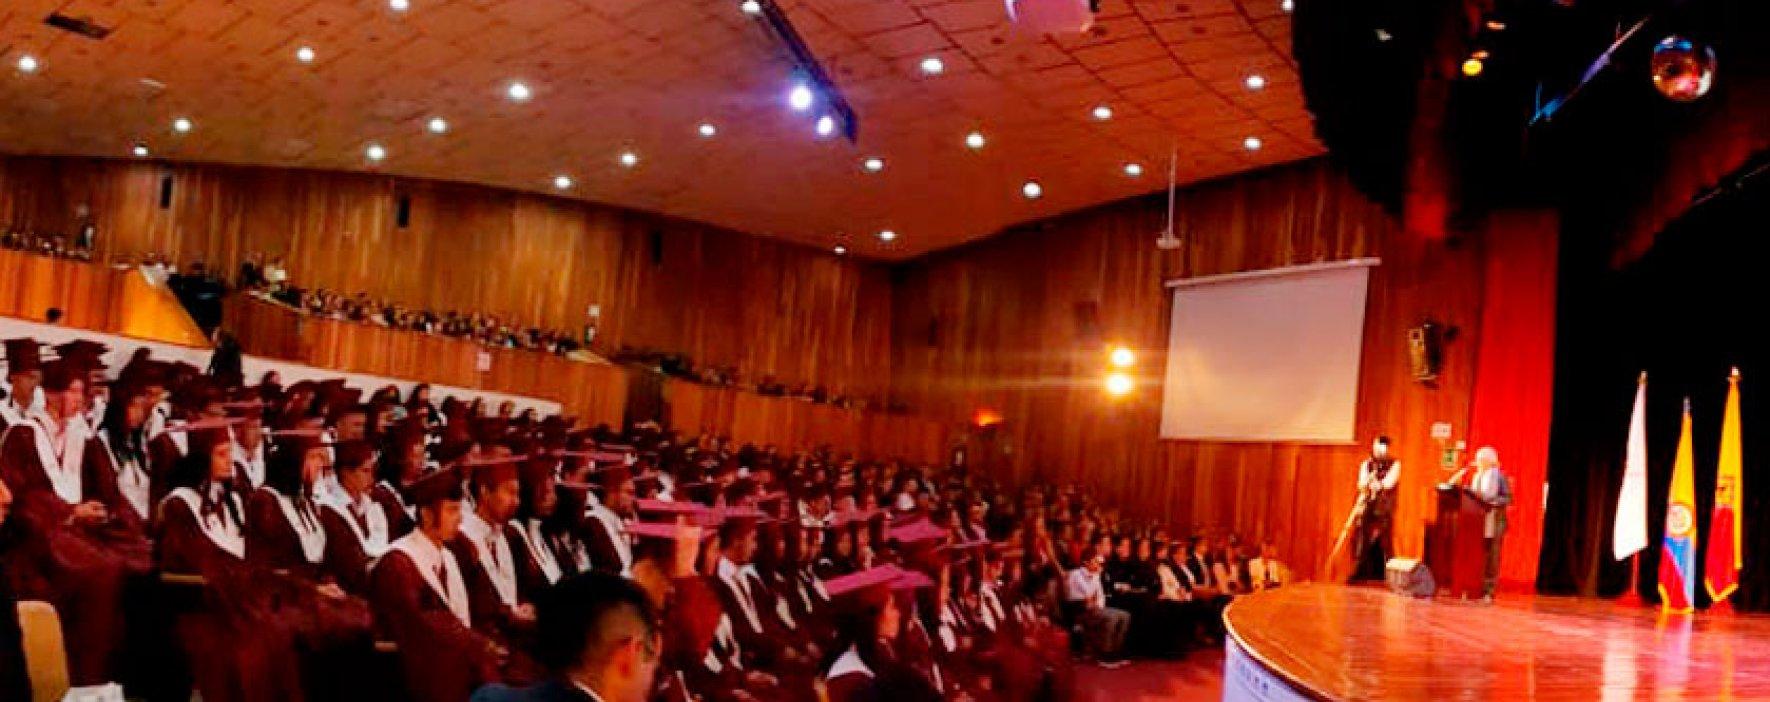 118 bachilleres graduados de la I.E. Compartir Suba